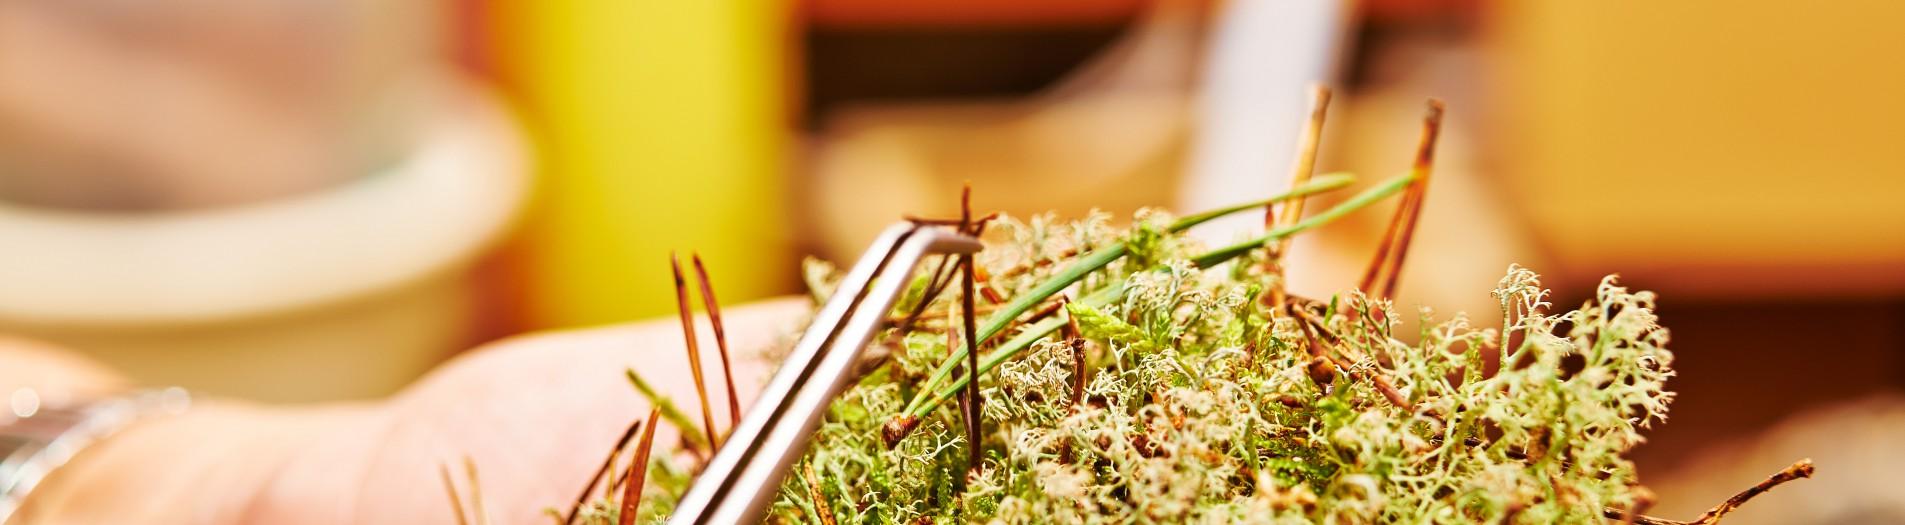 Mosser er altid fyldt med sjove ting, så det er en smagssag om de skal med eller ej. Denne mos kaldes renlav, og er hovednæring for rener i Norden.